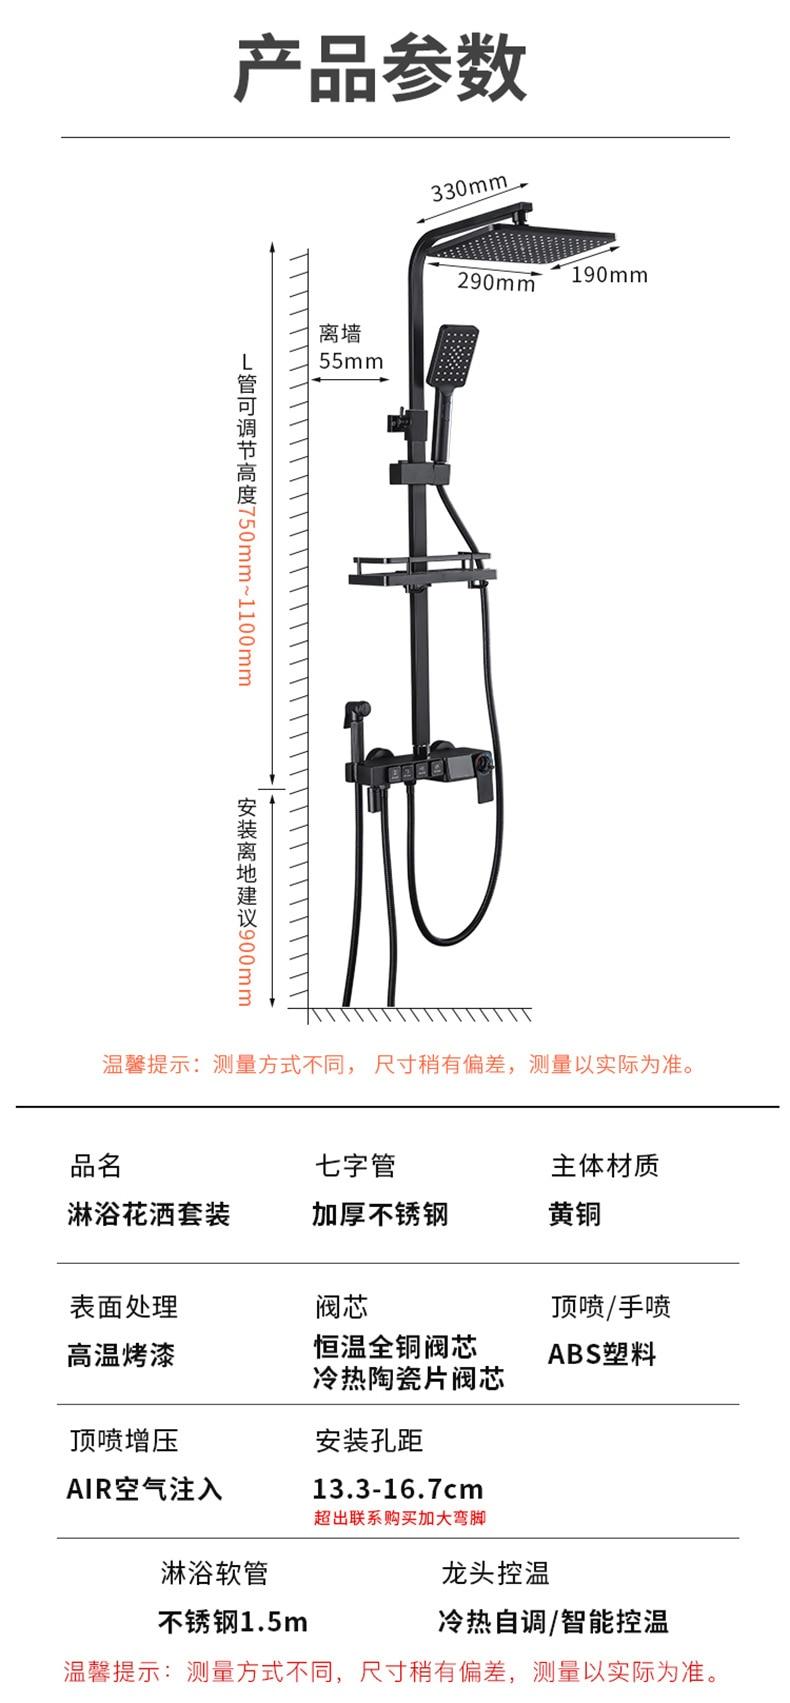 H8ca55ef992574888bd3fedf300894b0cm AE02XC-0008 bathroom shower system full copper black digital display thermostatic shower set four-speed pressurized shower head